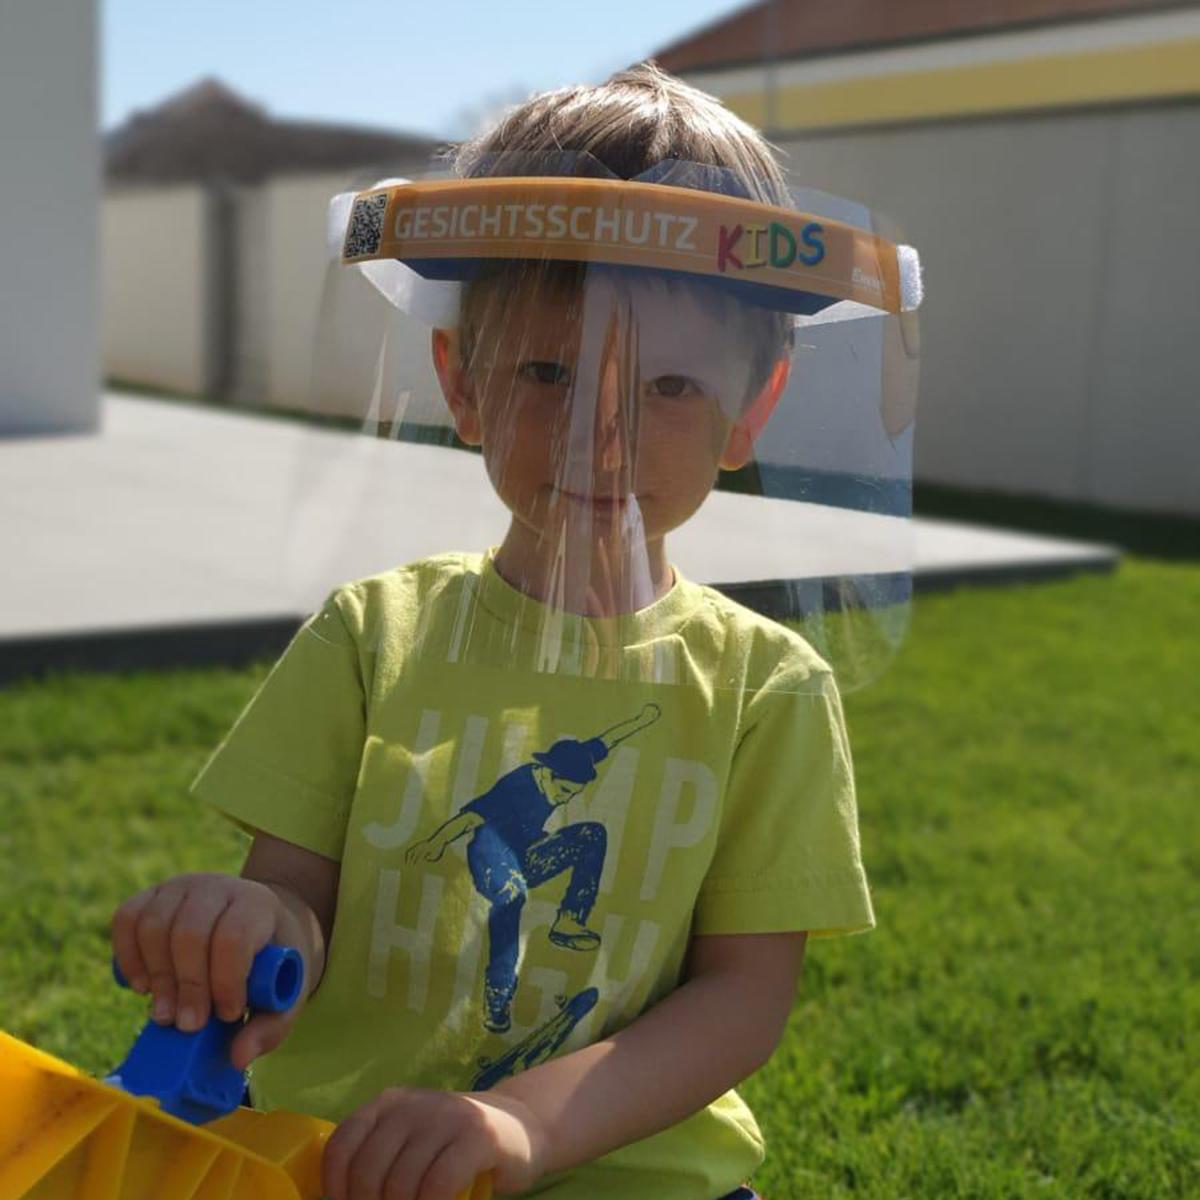 Gesichtsschutz Kids